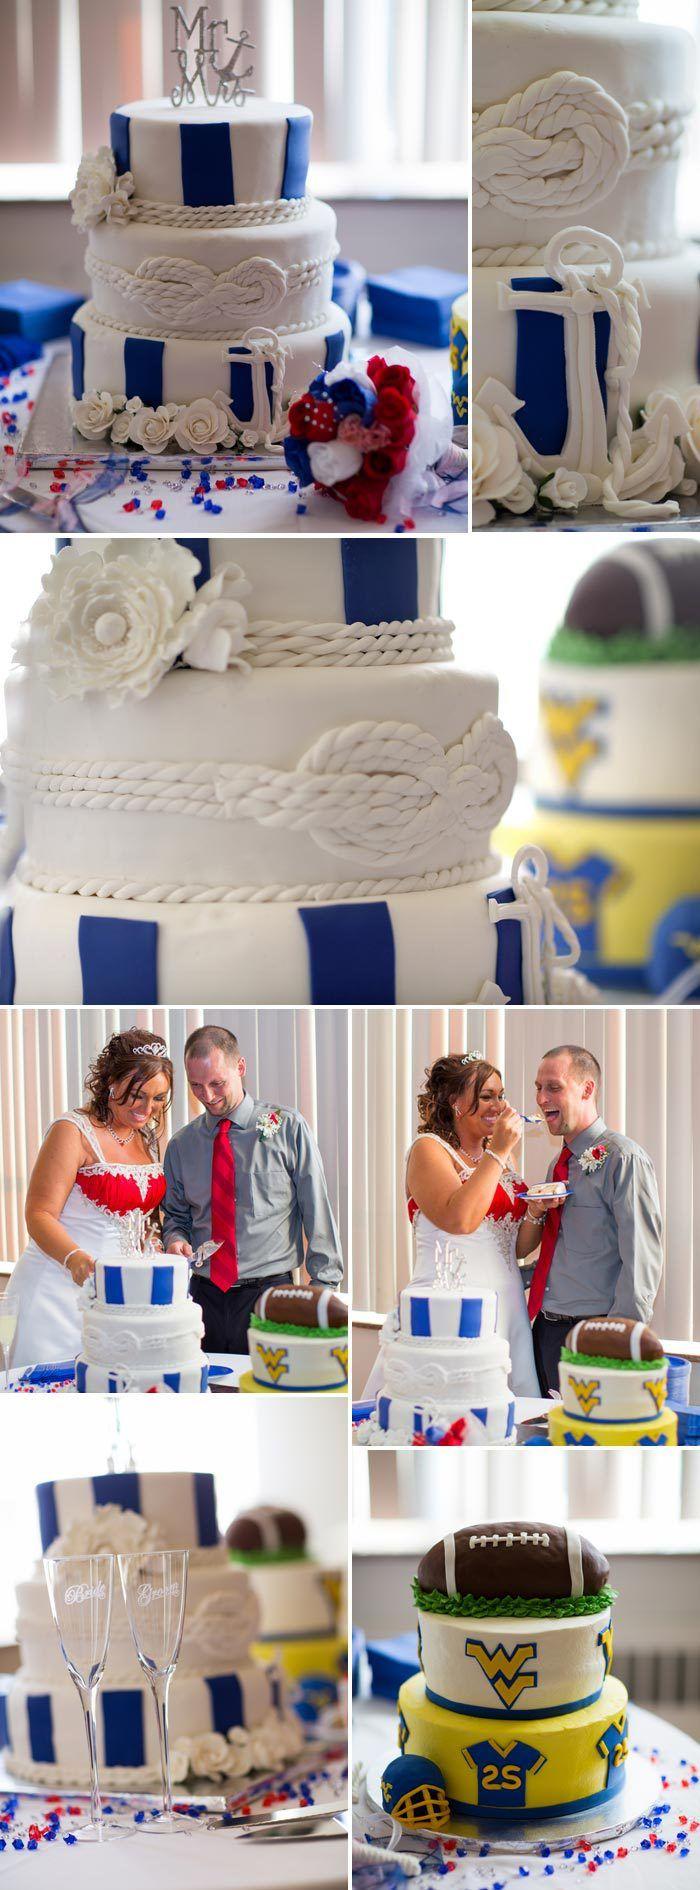 Leckere Hochzeitstorte im maritimen Look, passend zum Hafen der Ehe ...